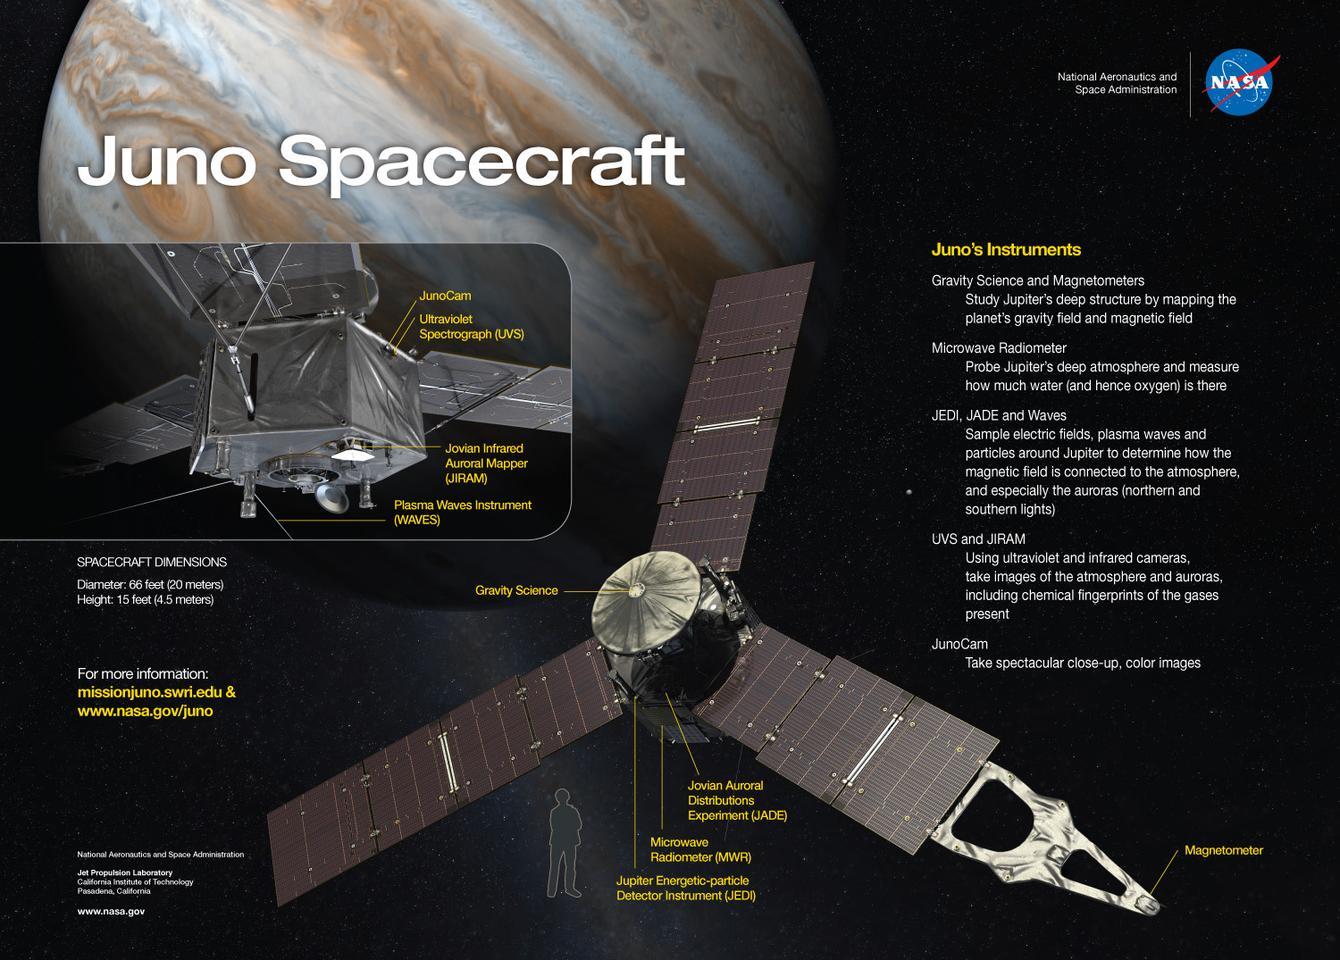 NASA's Juno spacecraft has sensors up to its proverbial armpits